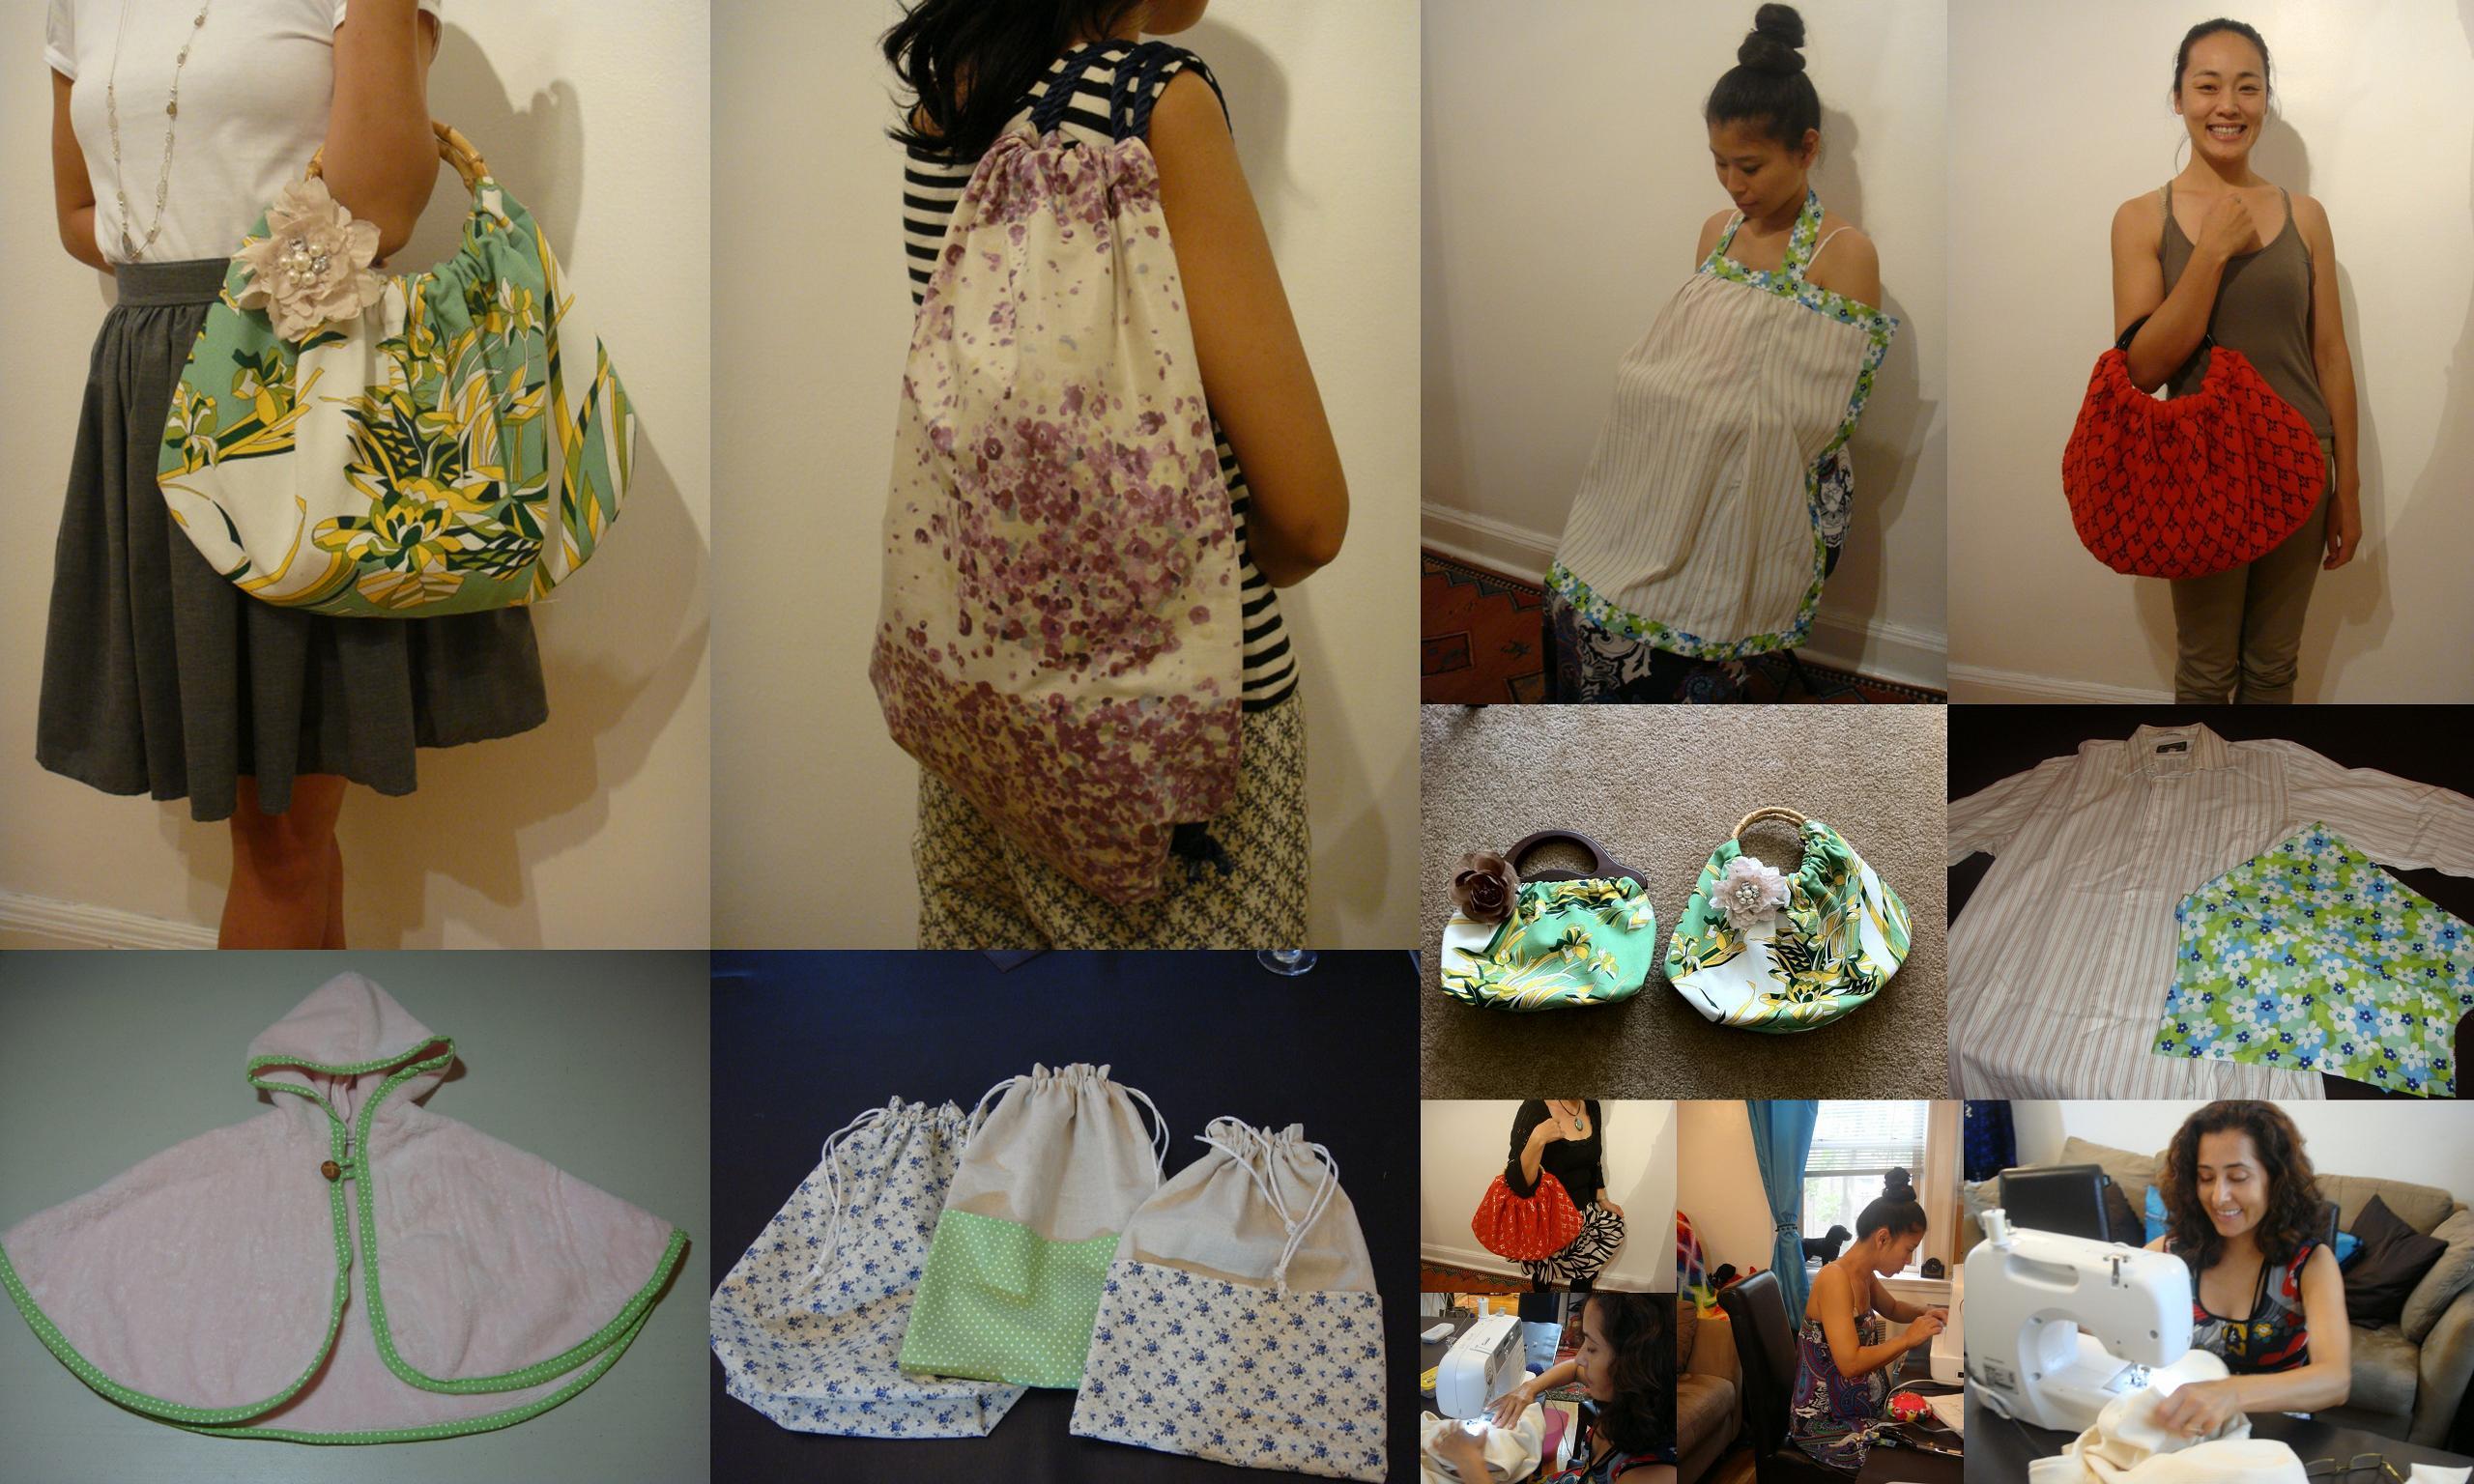 Sew Easy NY洋裁教室生徒さんの最新作品写真集!_b0130809_12464931.jpg